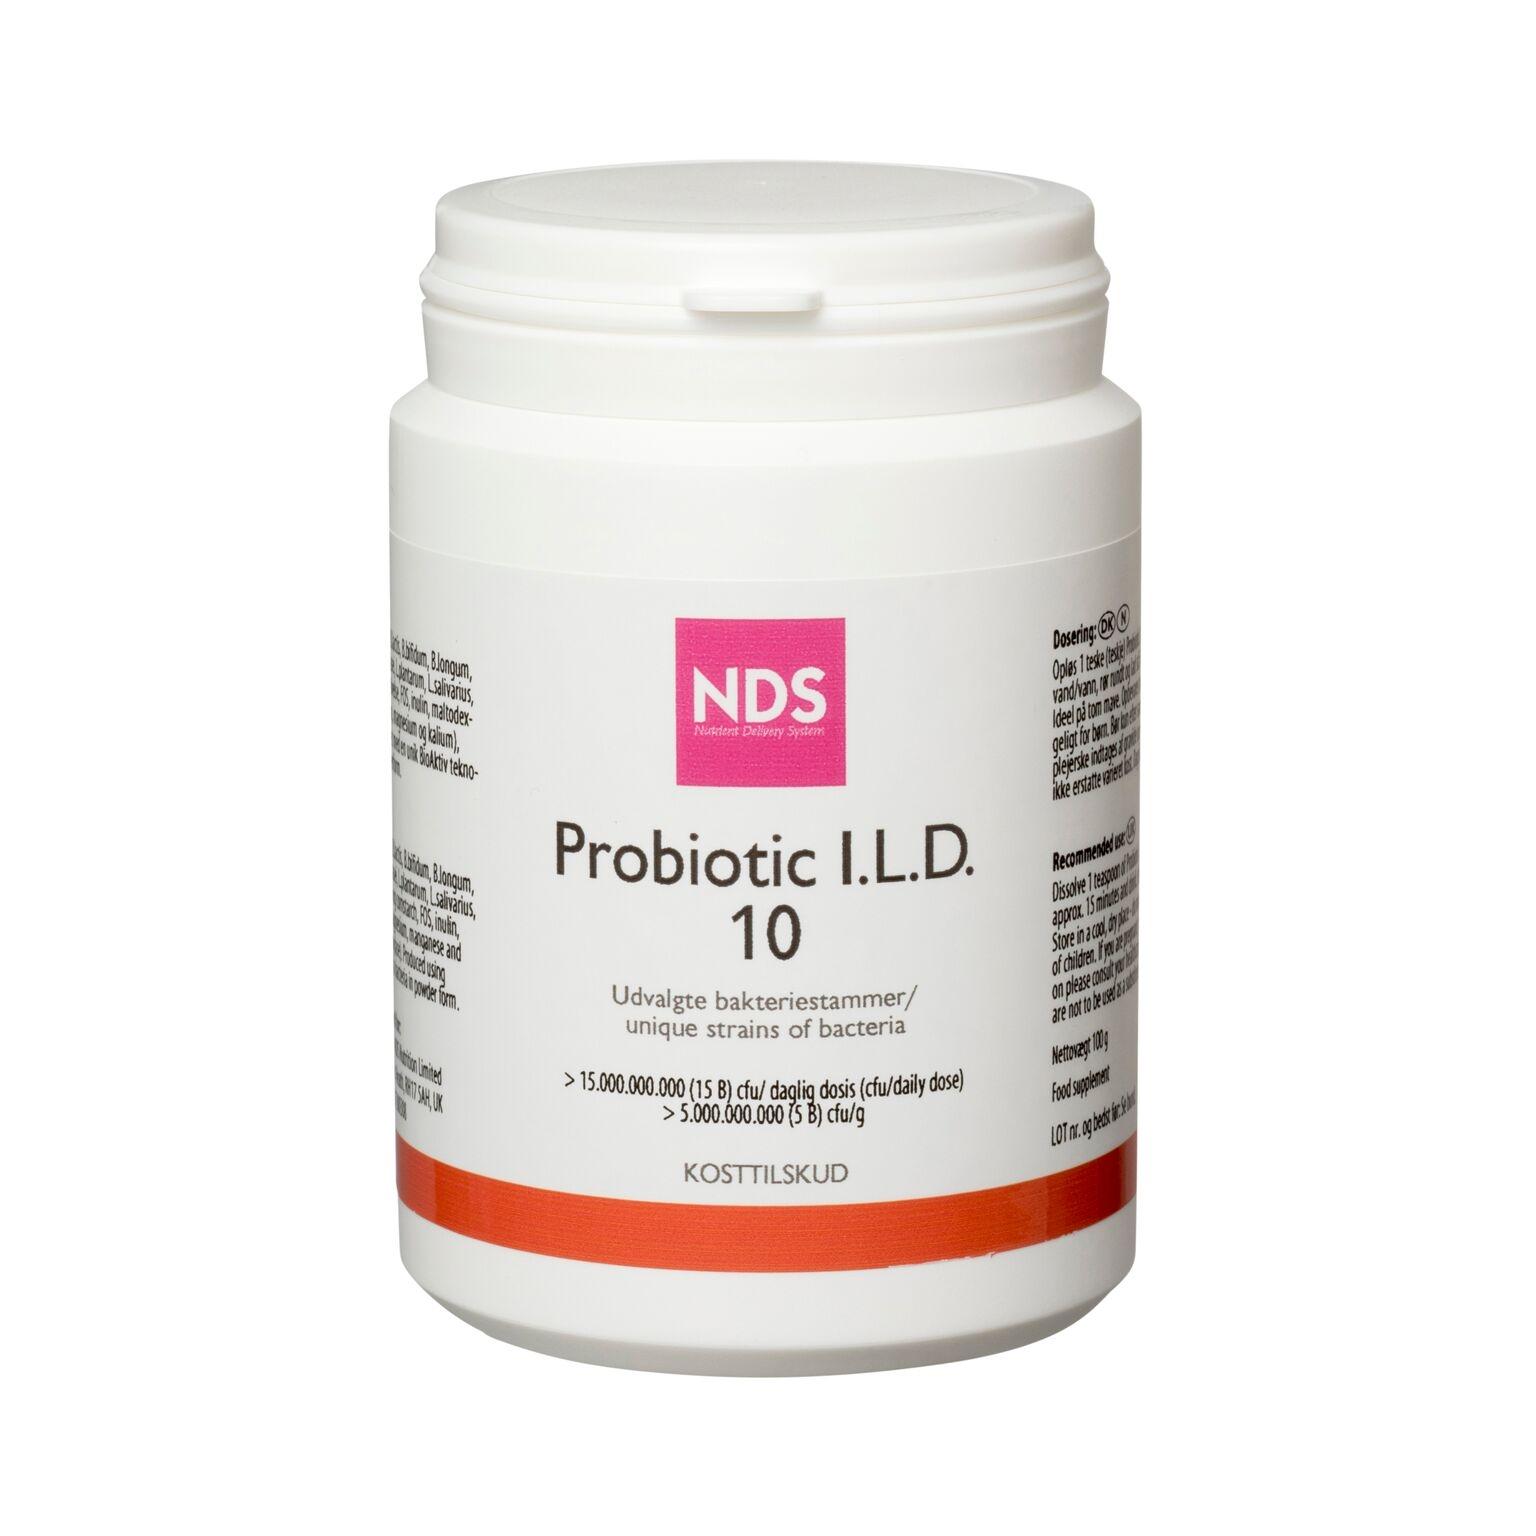 NDSI.L.D.10Probiotic (100g)